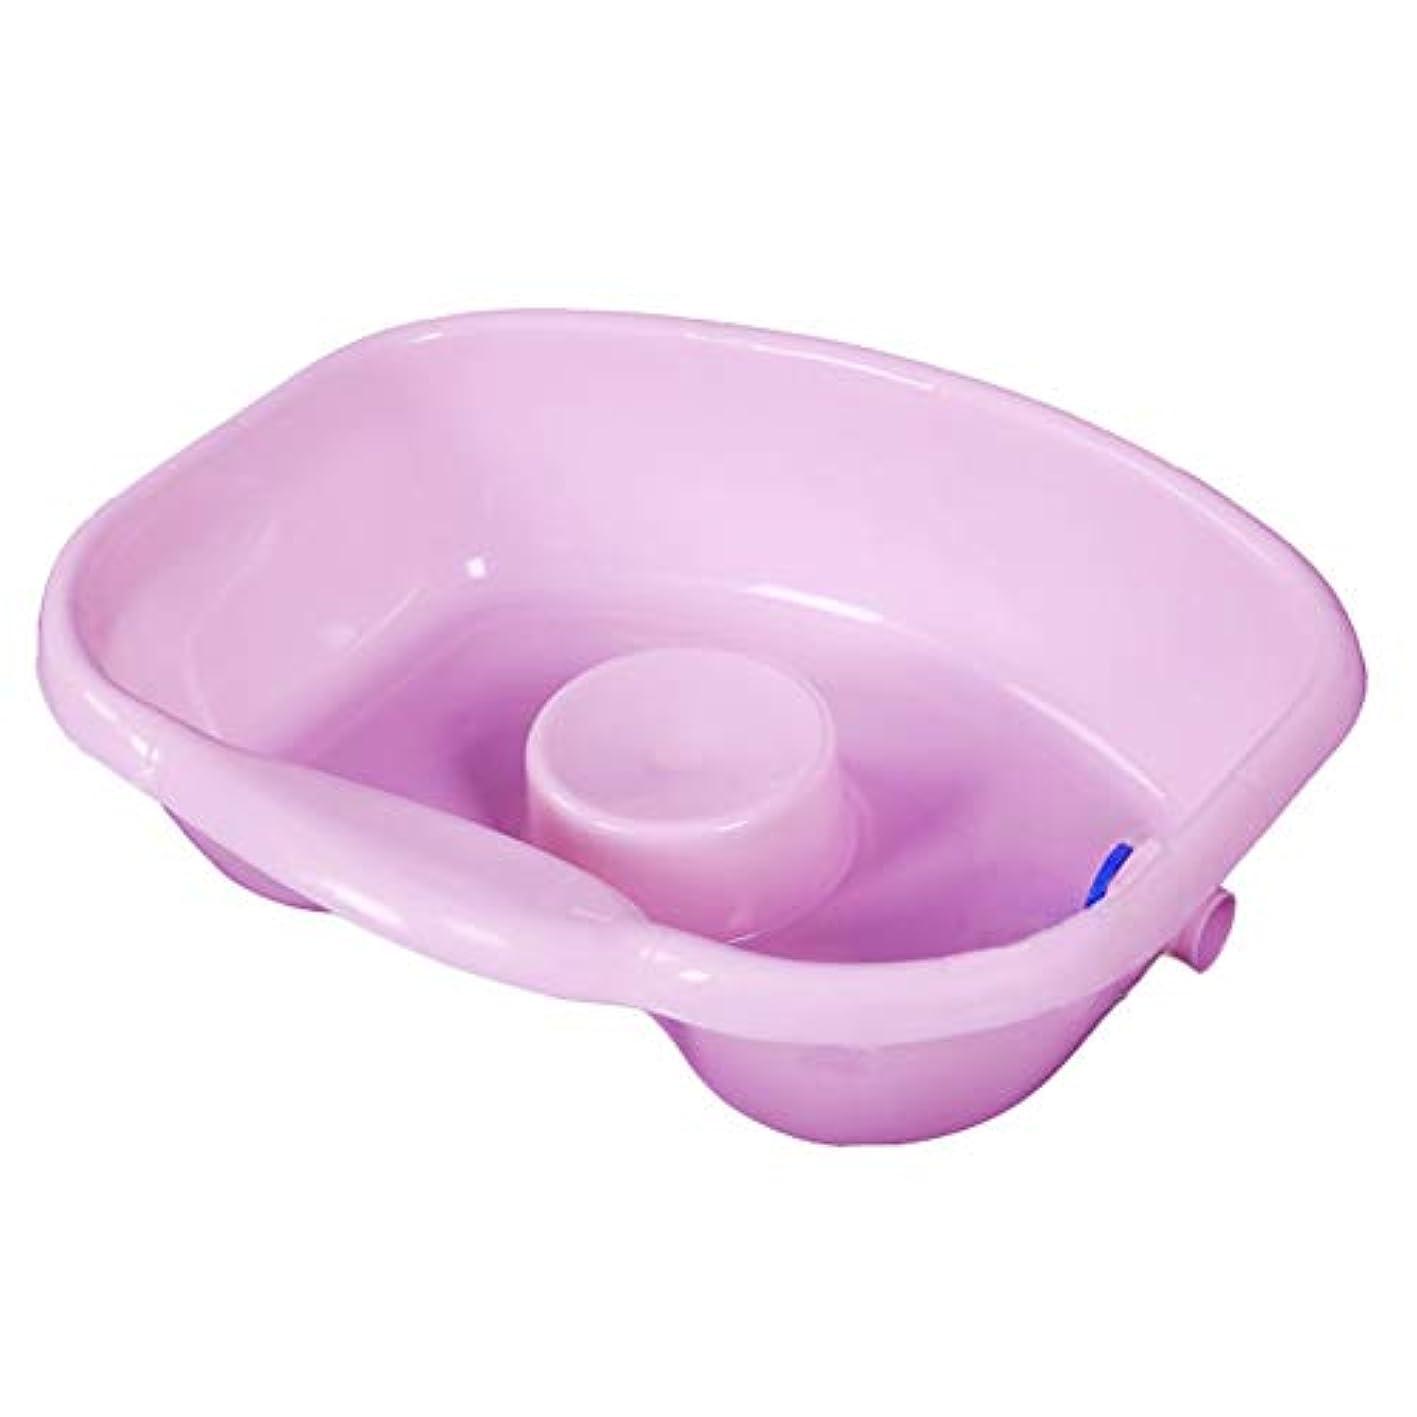 属するアナウンサースプレー寝たきりの患者、障害者高齢妊娠のためのベッドでポータブルウォッシュ髪のボウルする排水管とシャンプー盆地(ピンク)